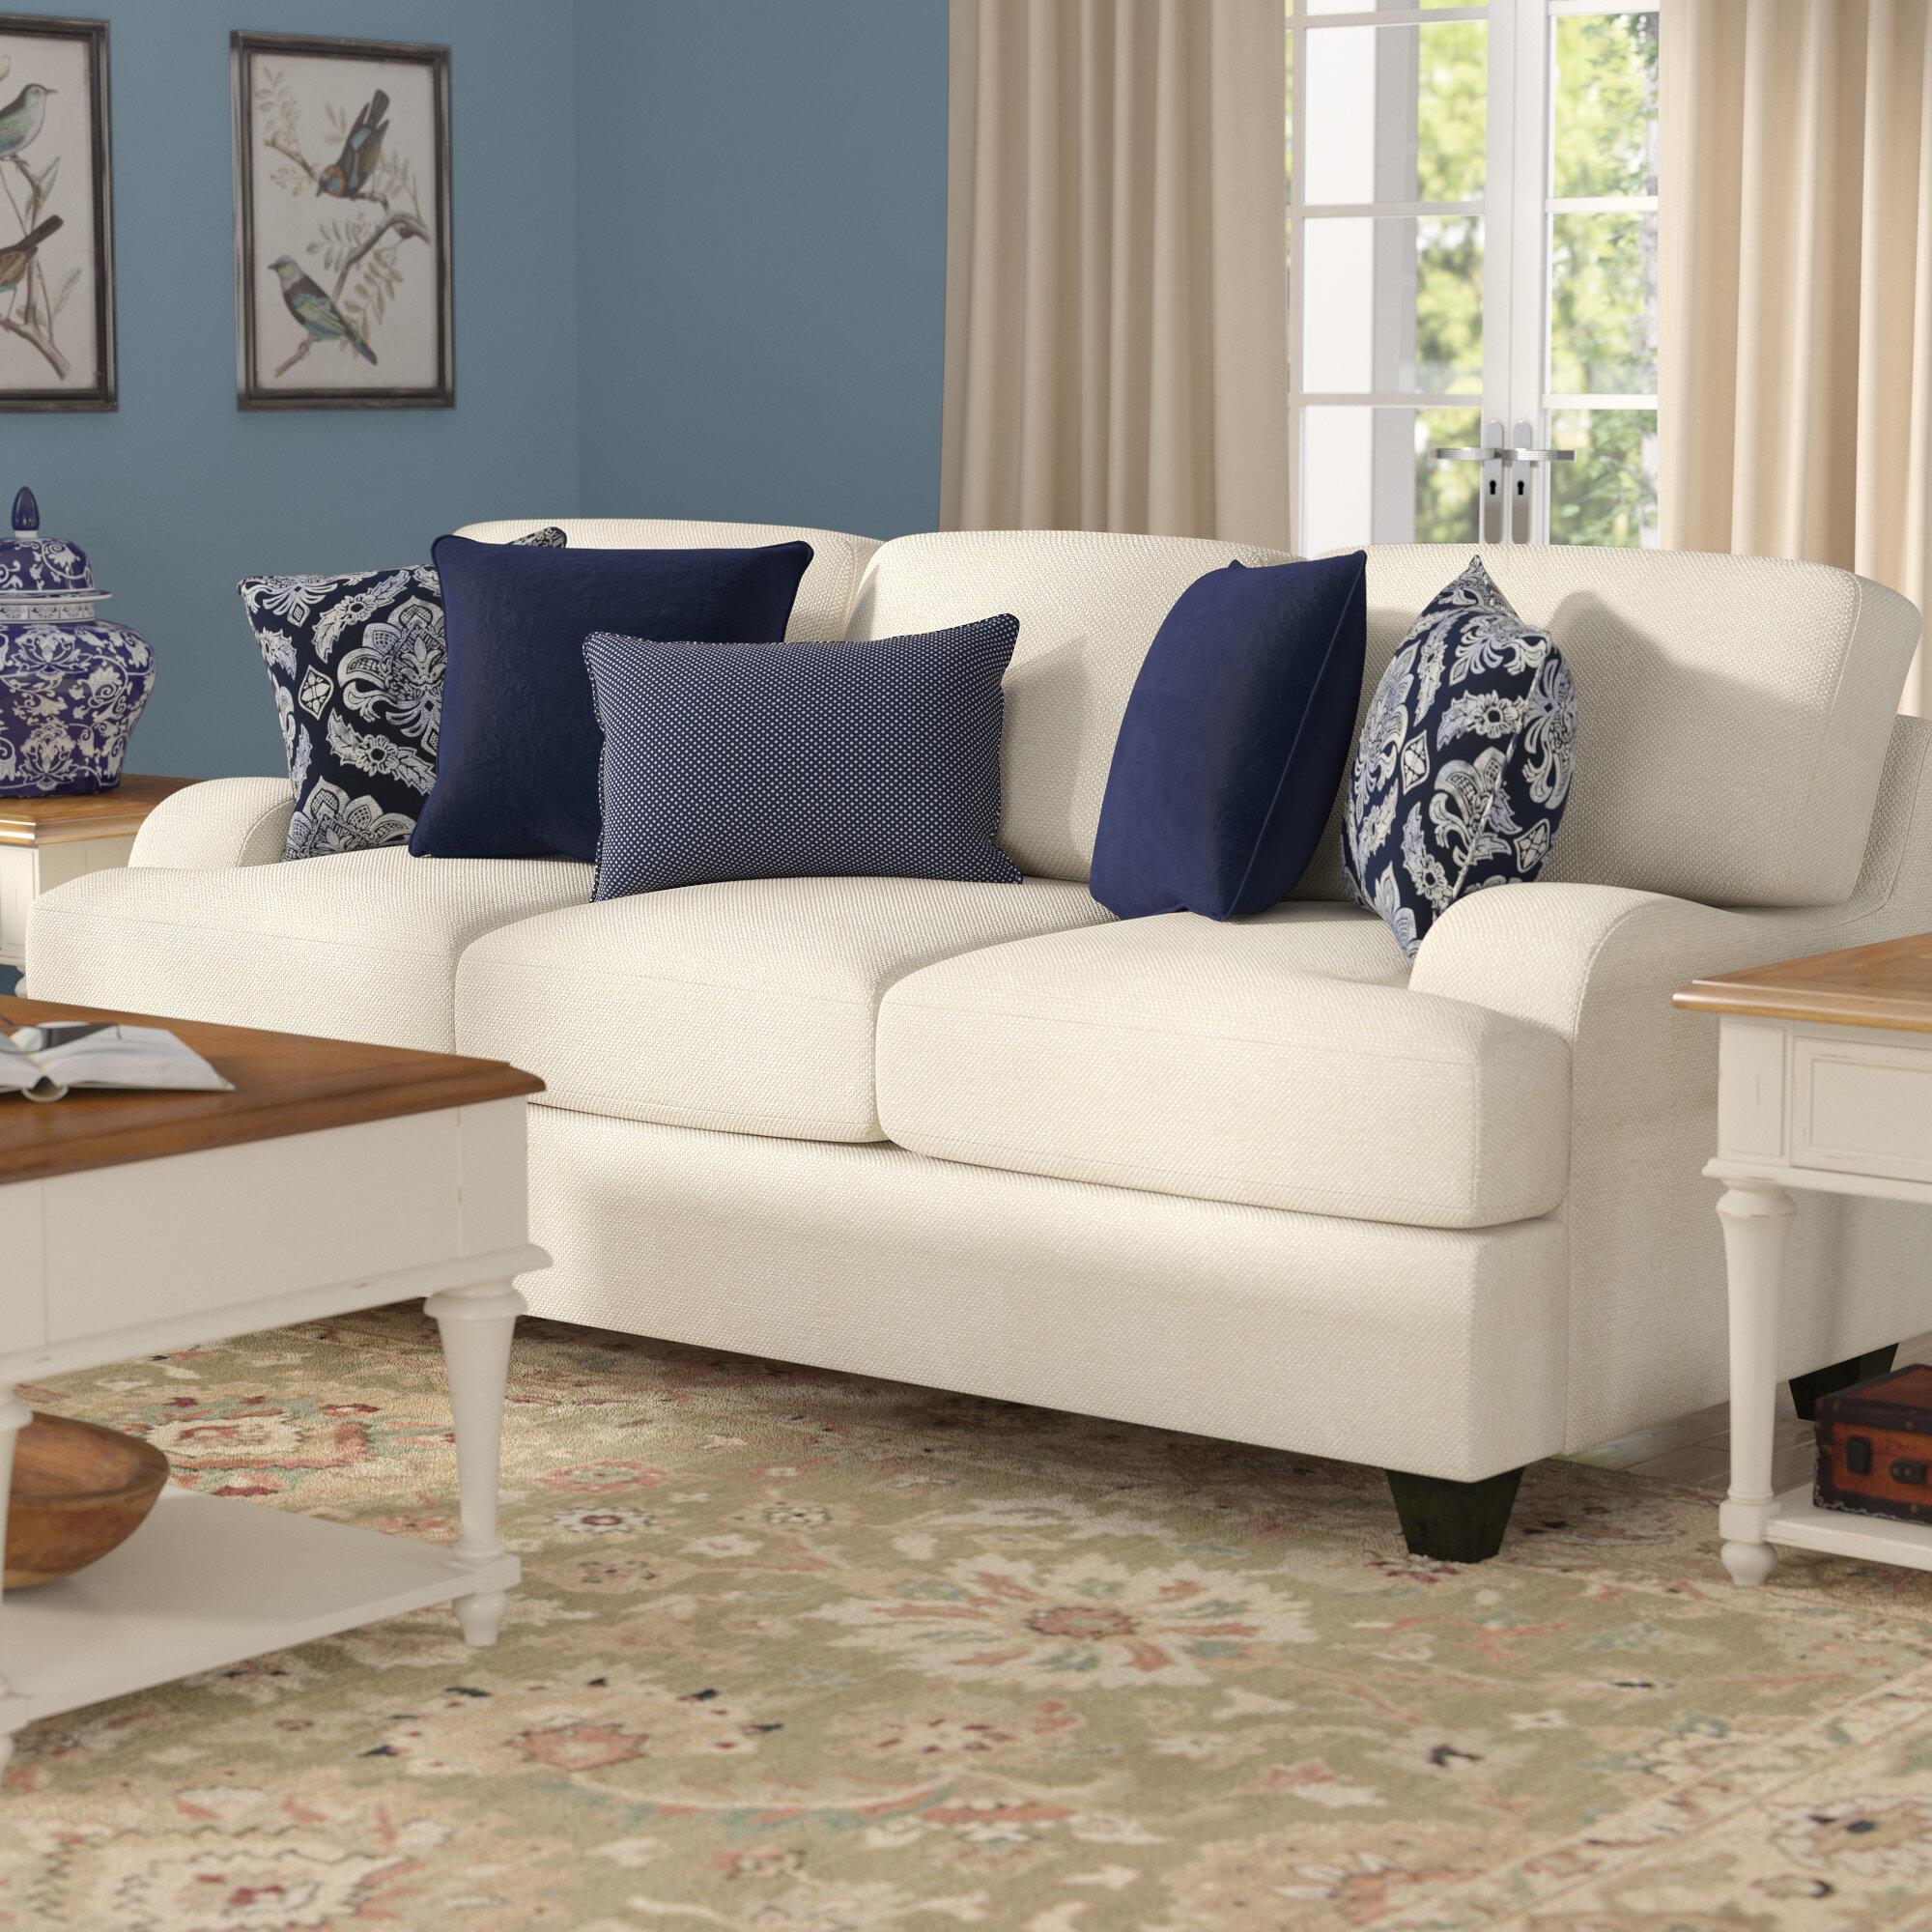 Simmons Upholstery Hattiesburg Stone Sofa & Reviews | Joss & Main